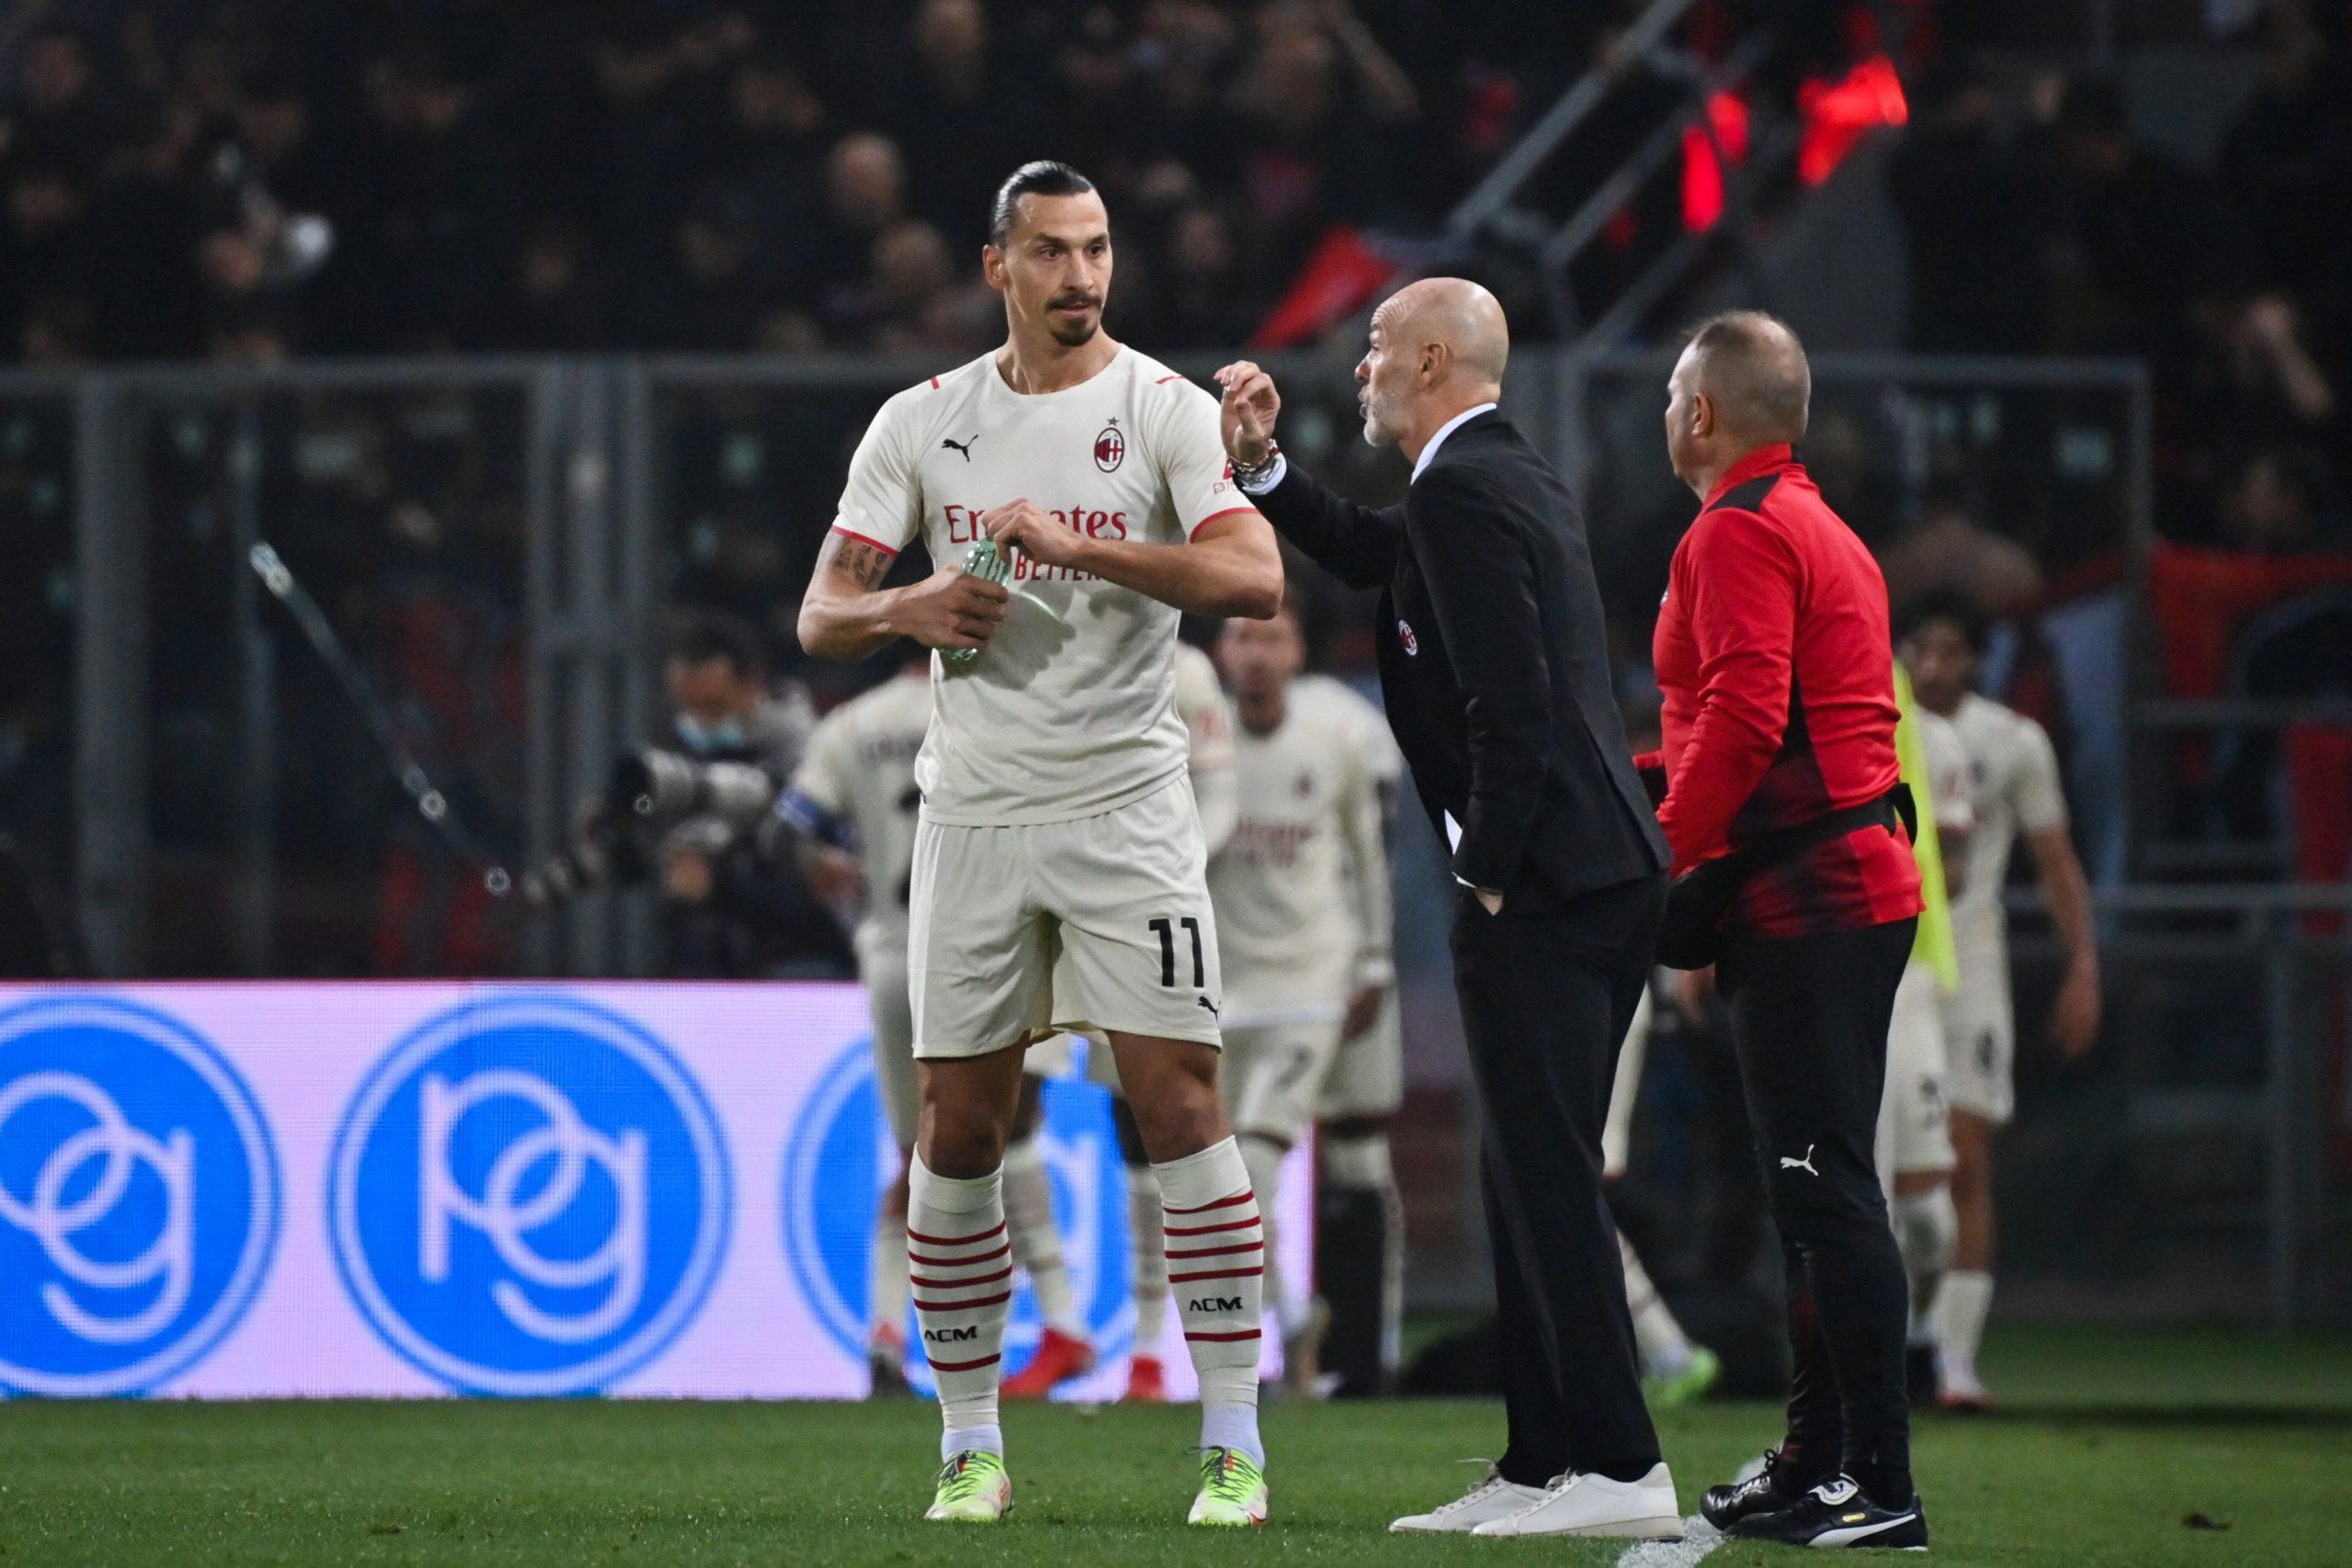 Një jetë që luan futboll, ky ishte autogoli i parë për Ibrahimovic (VIDEO)